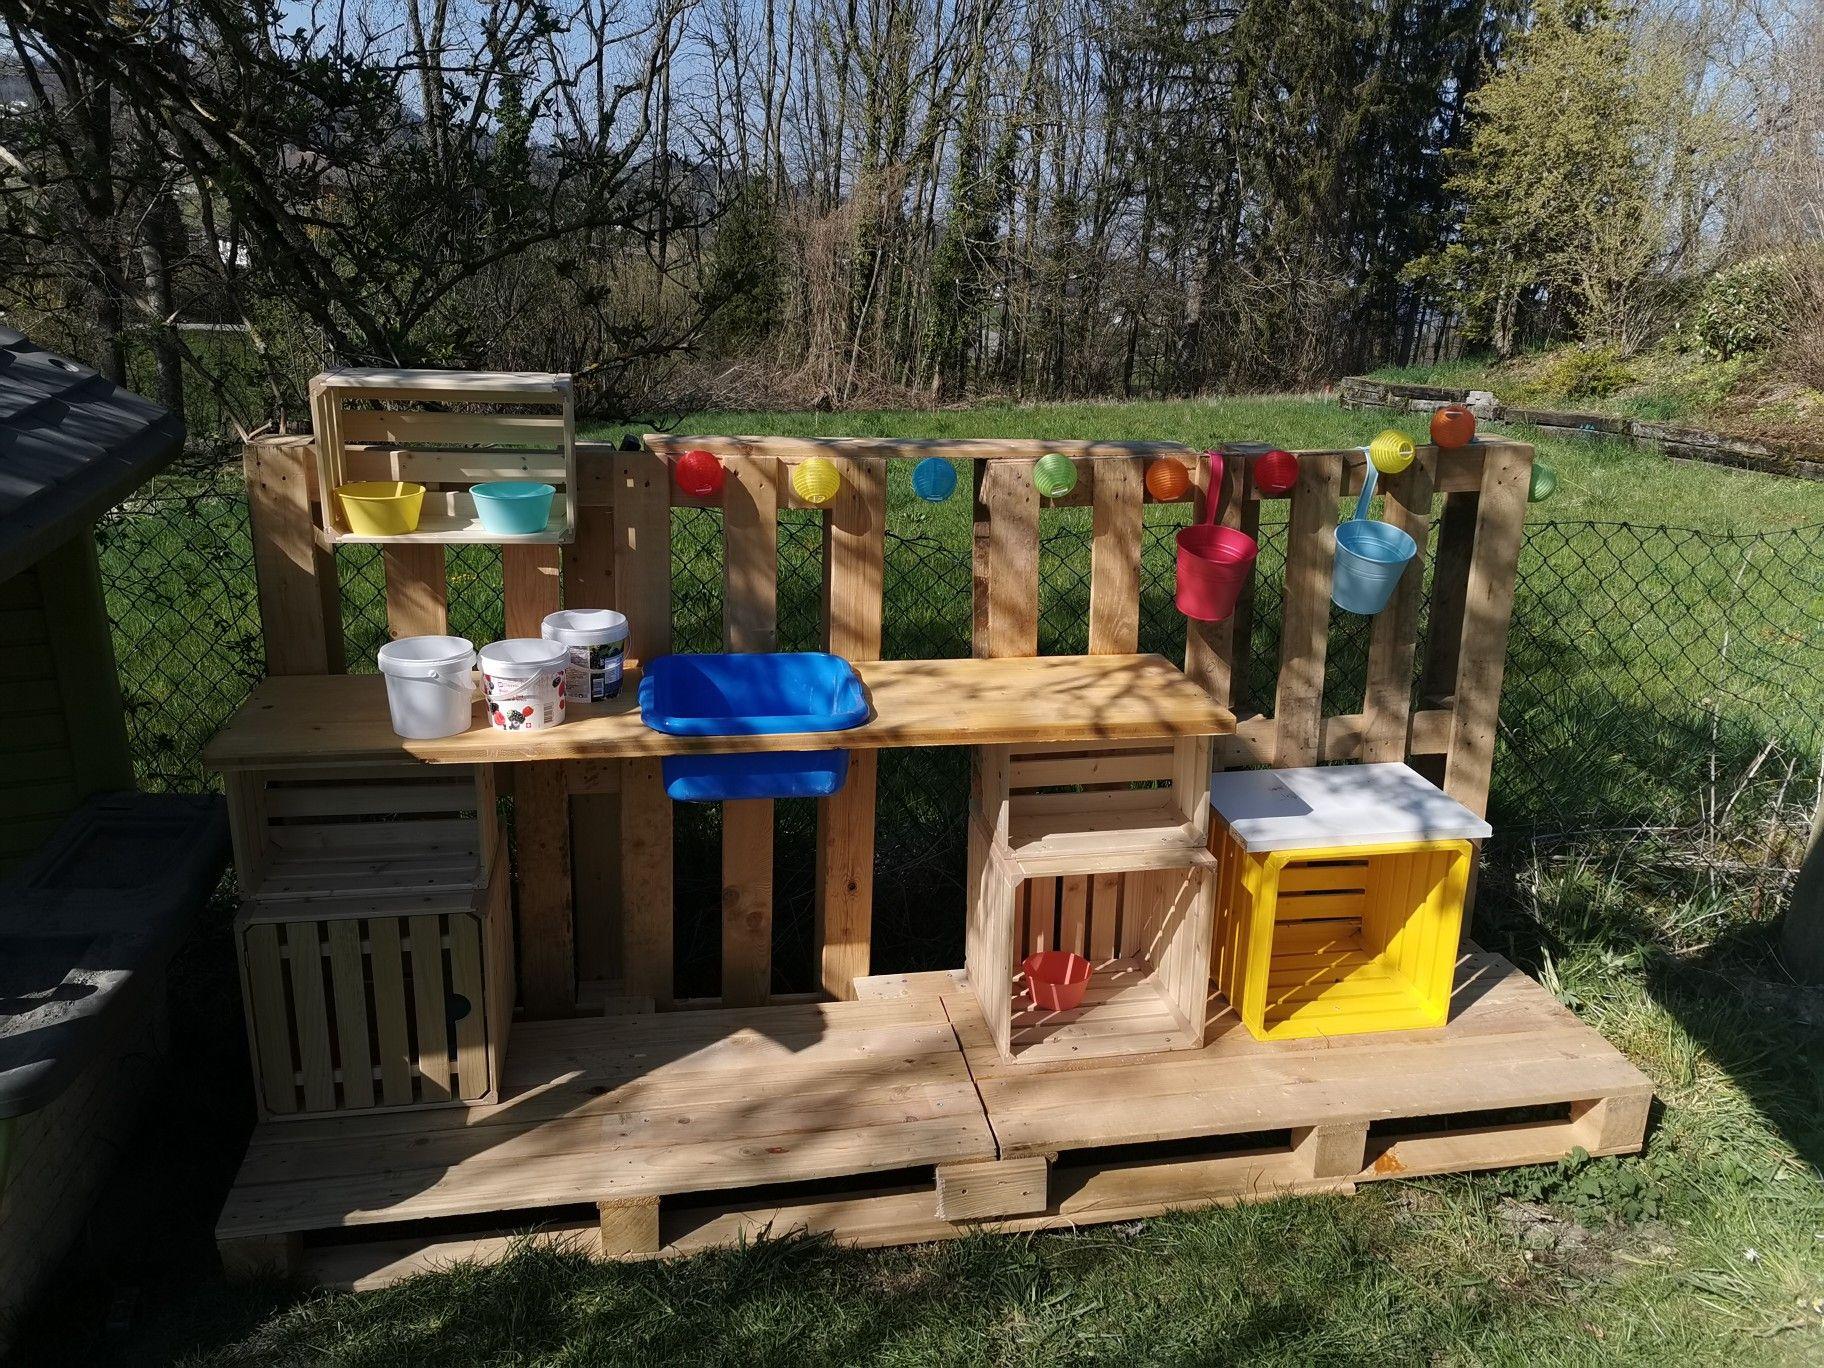 Matschkuche Kinder Spielplatz Garten Bauen Mit Paletten Kinderkuche Holz